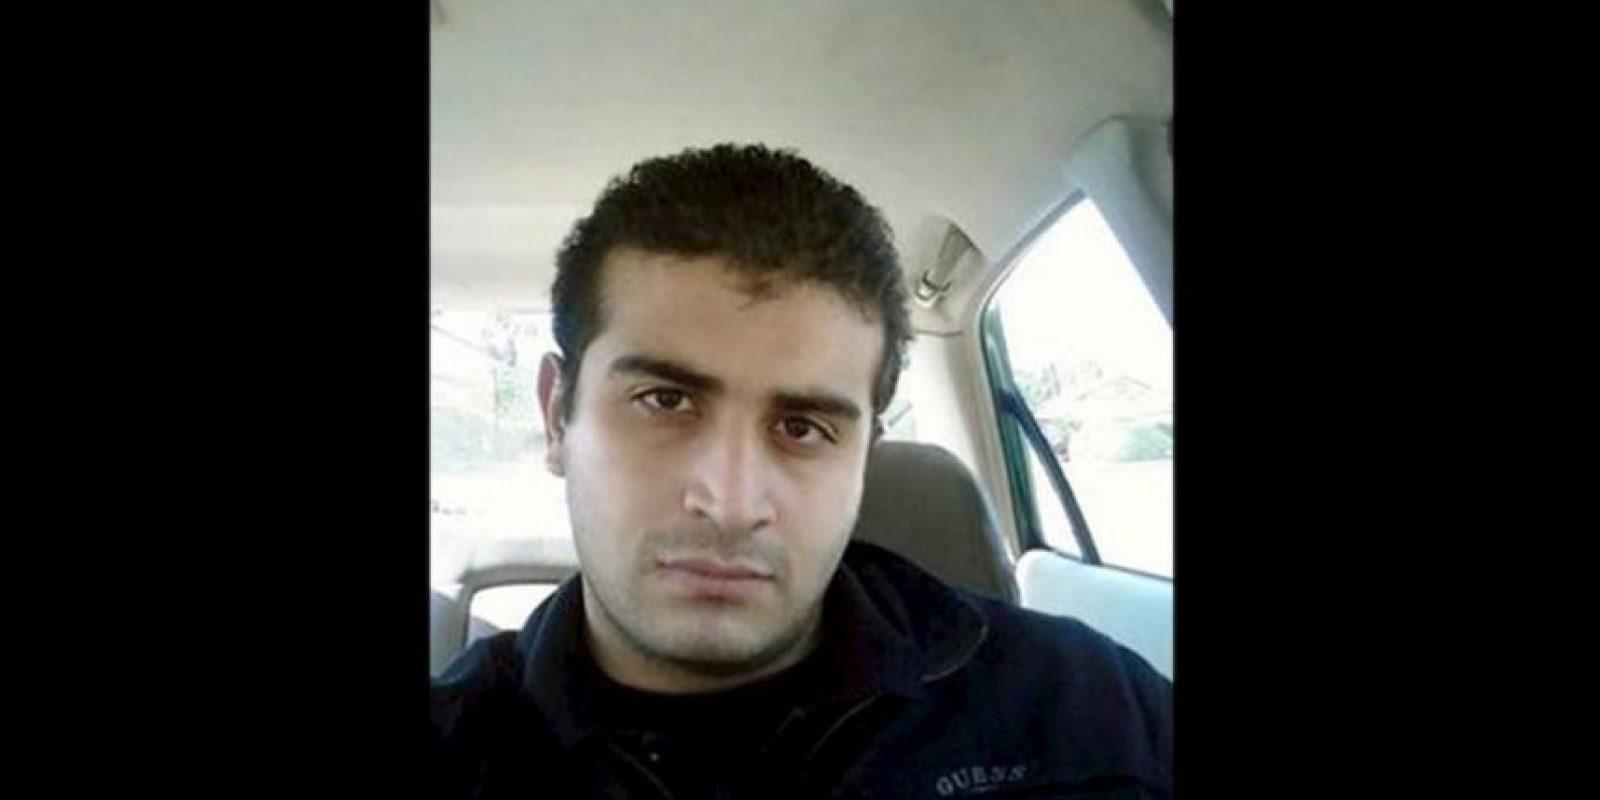 El ataque dejó 49 personas fallecidas y 53 heridos. Foto:MySpace/AP. Imagen Por: